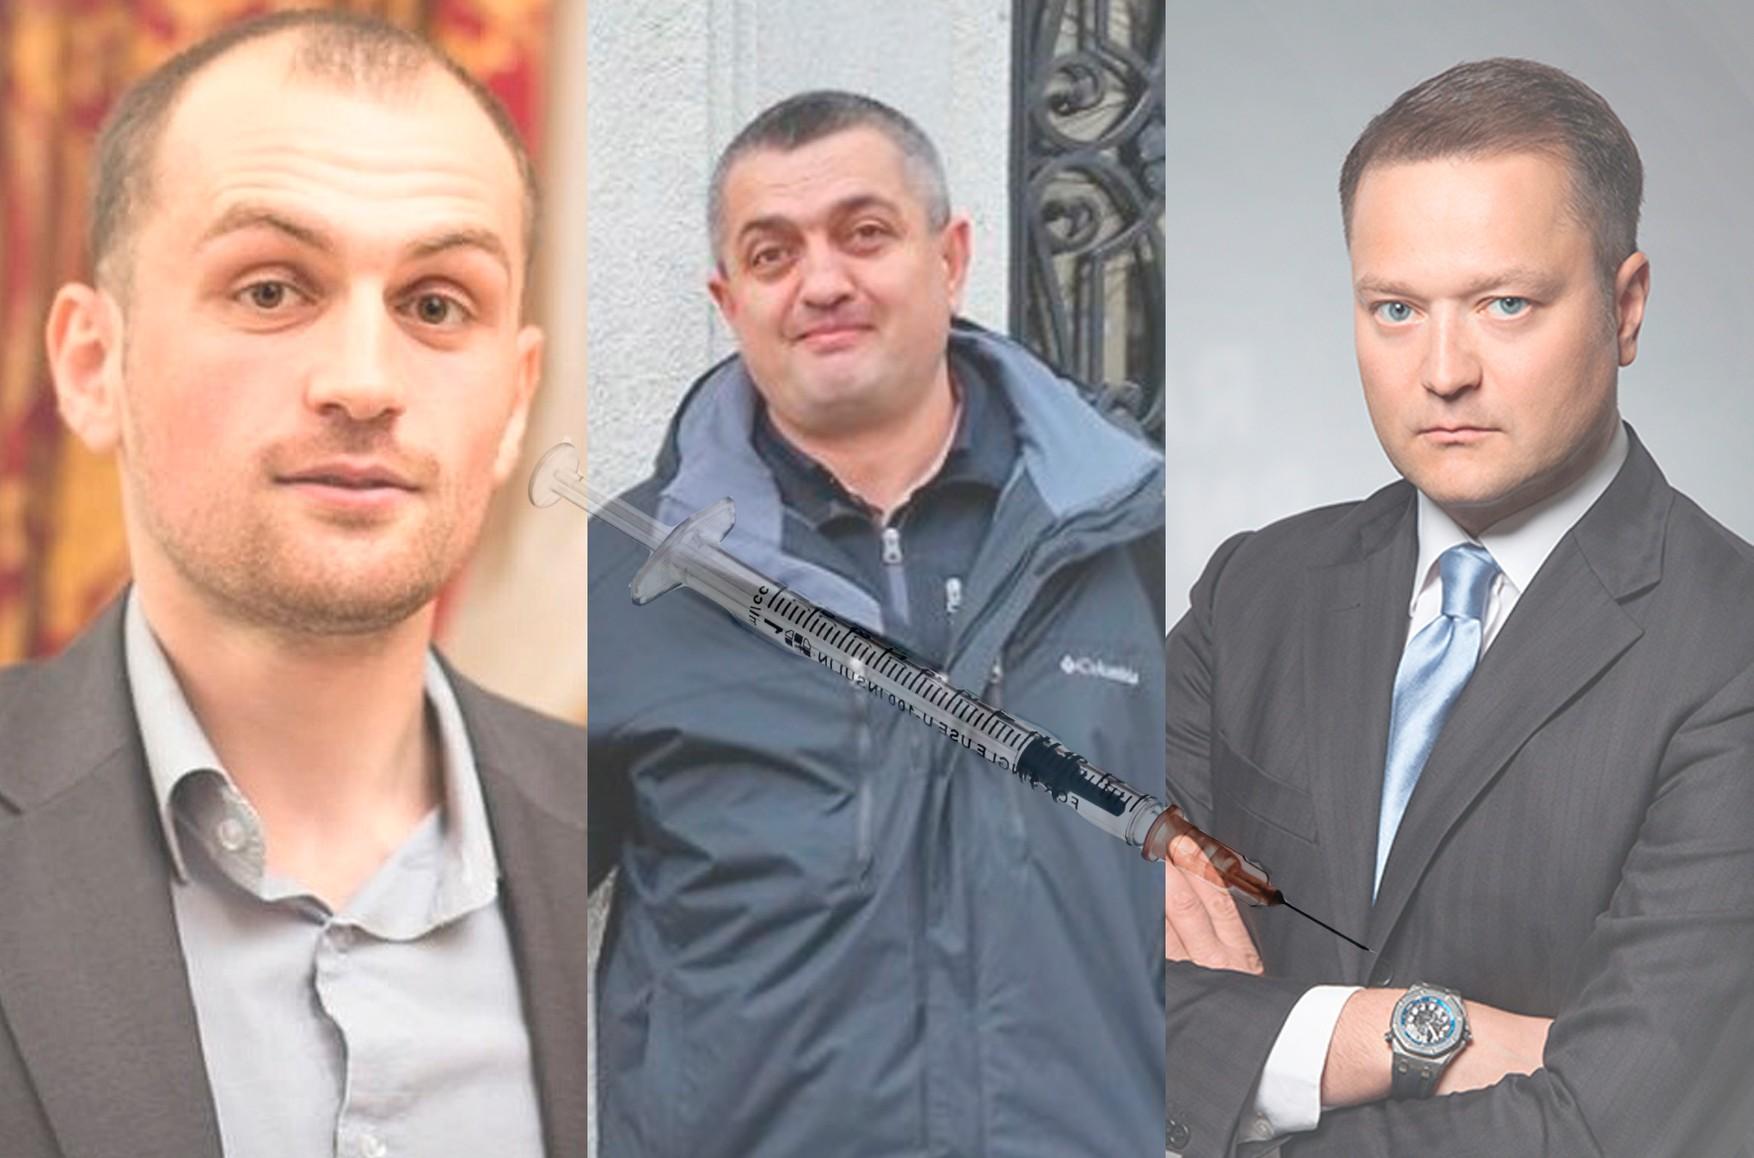 Слева направо: Тимур Куашев, Руслан Магомедрагимов, Никита Исаев. Изображение – The Insider.